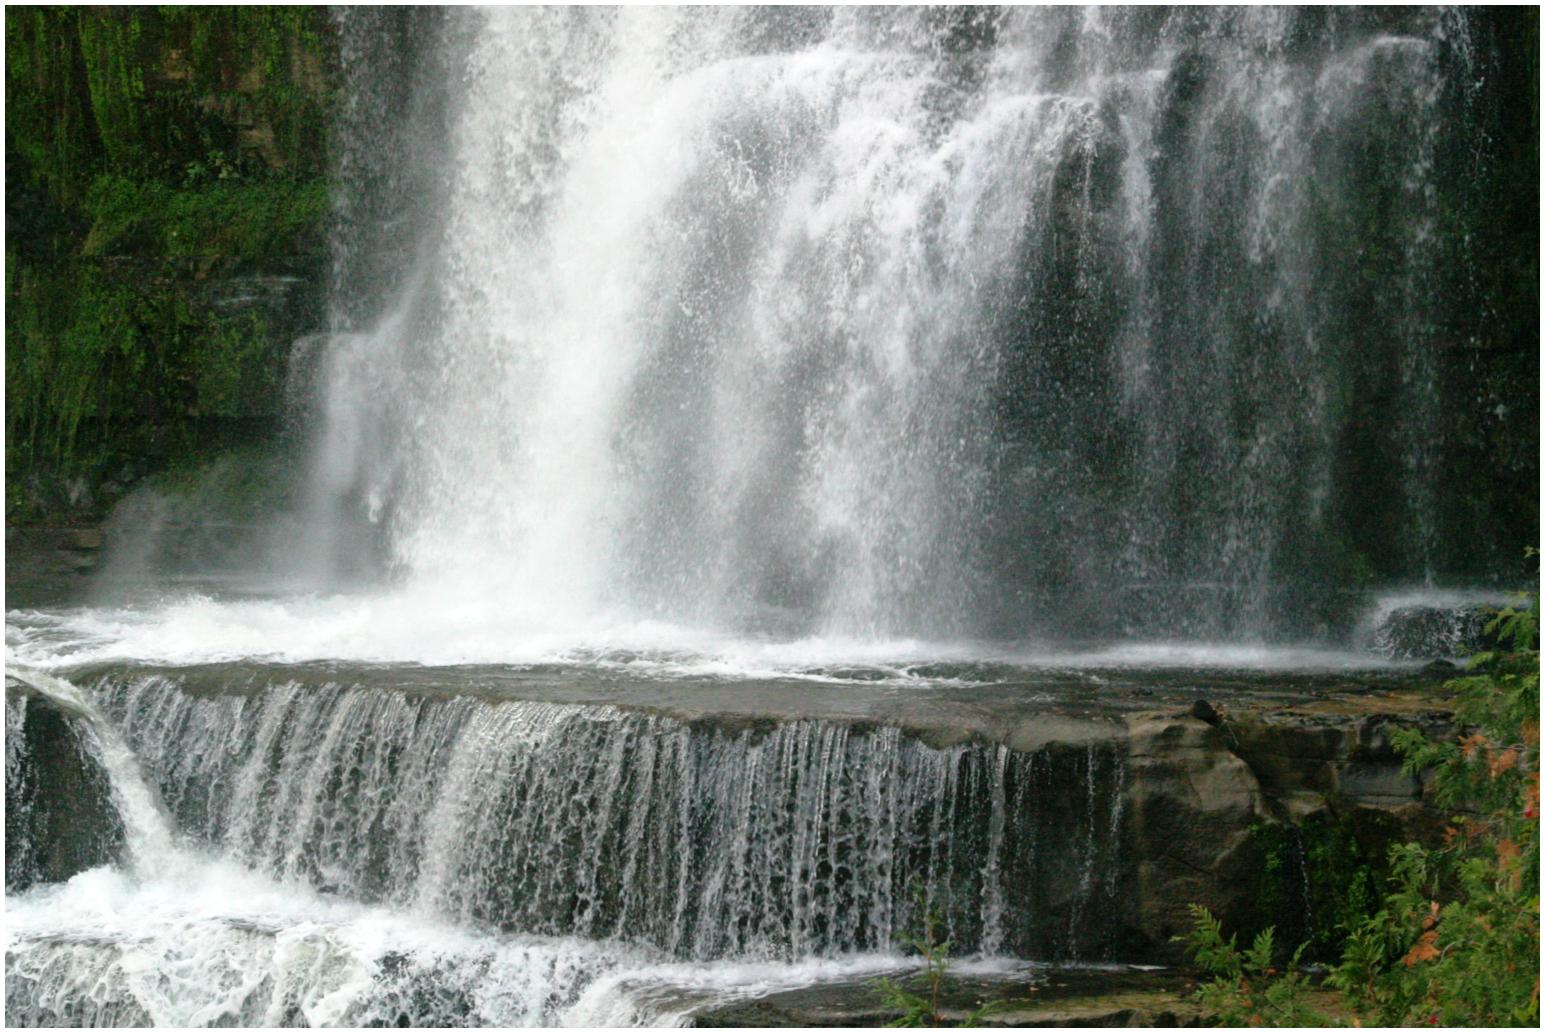 Chittenango Falls Waterfall Stock Image II by MissNioniel